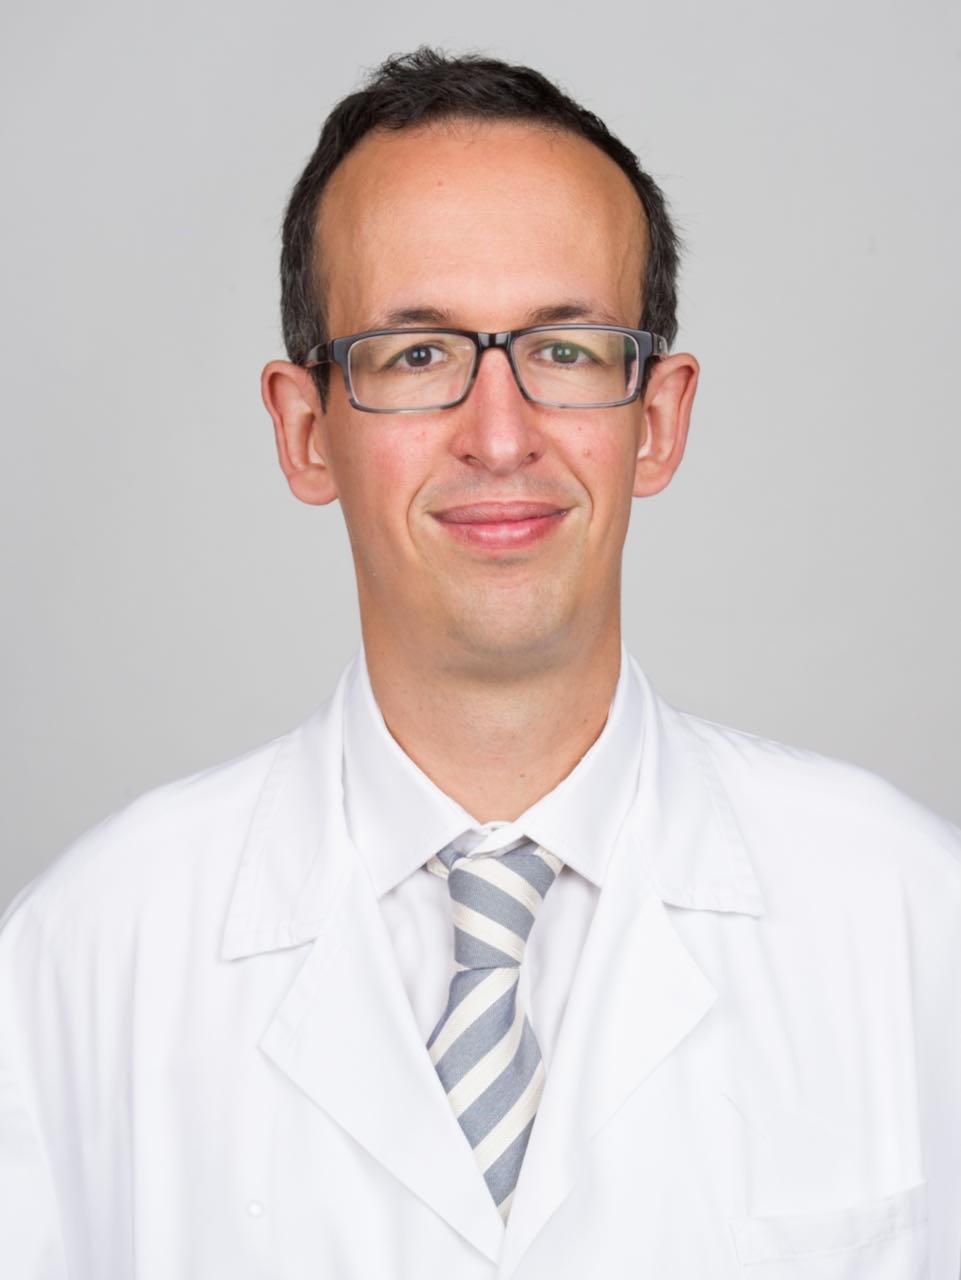 dr-jordi-colomina-morales